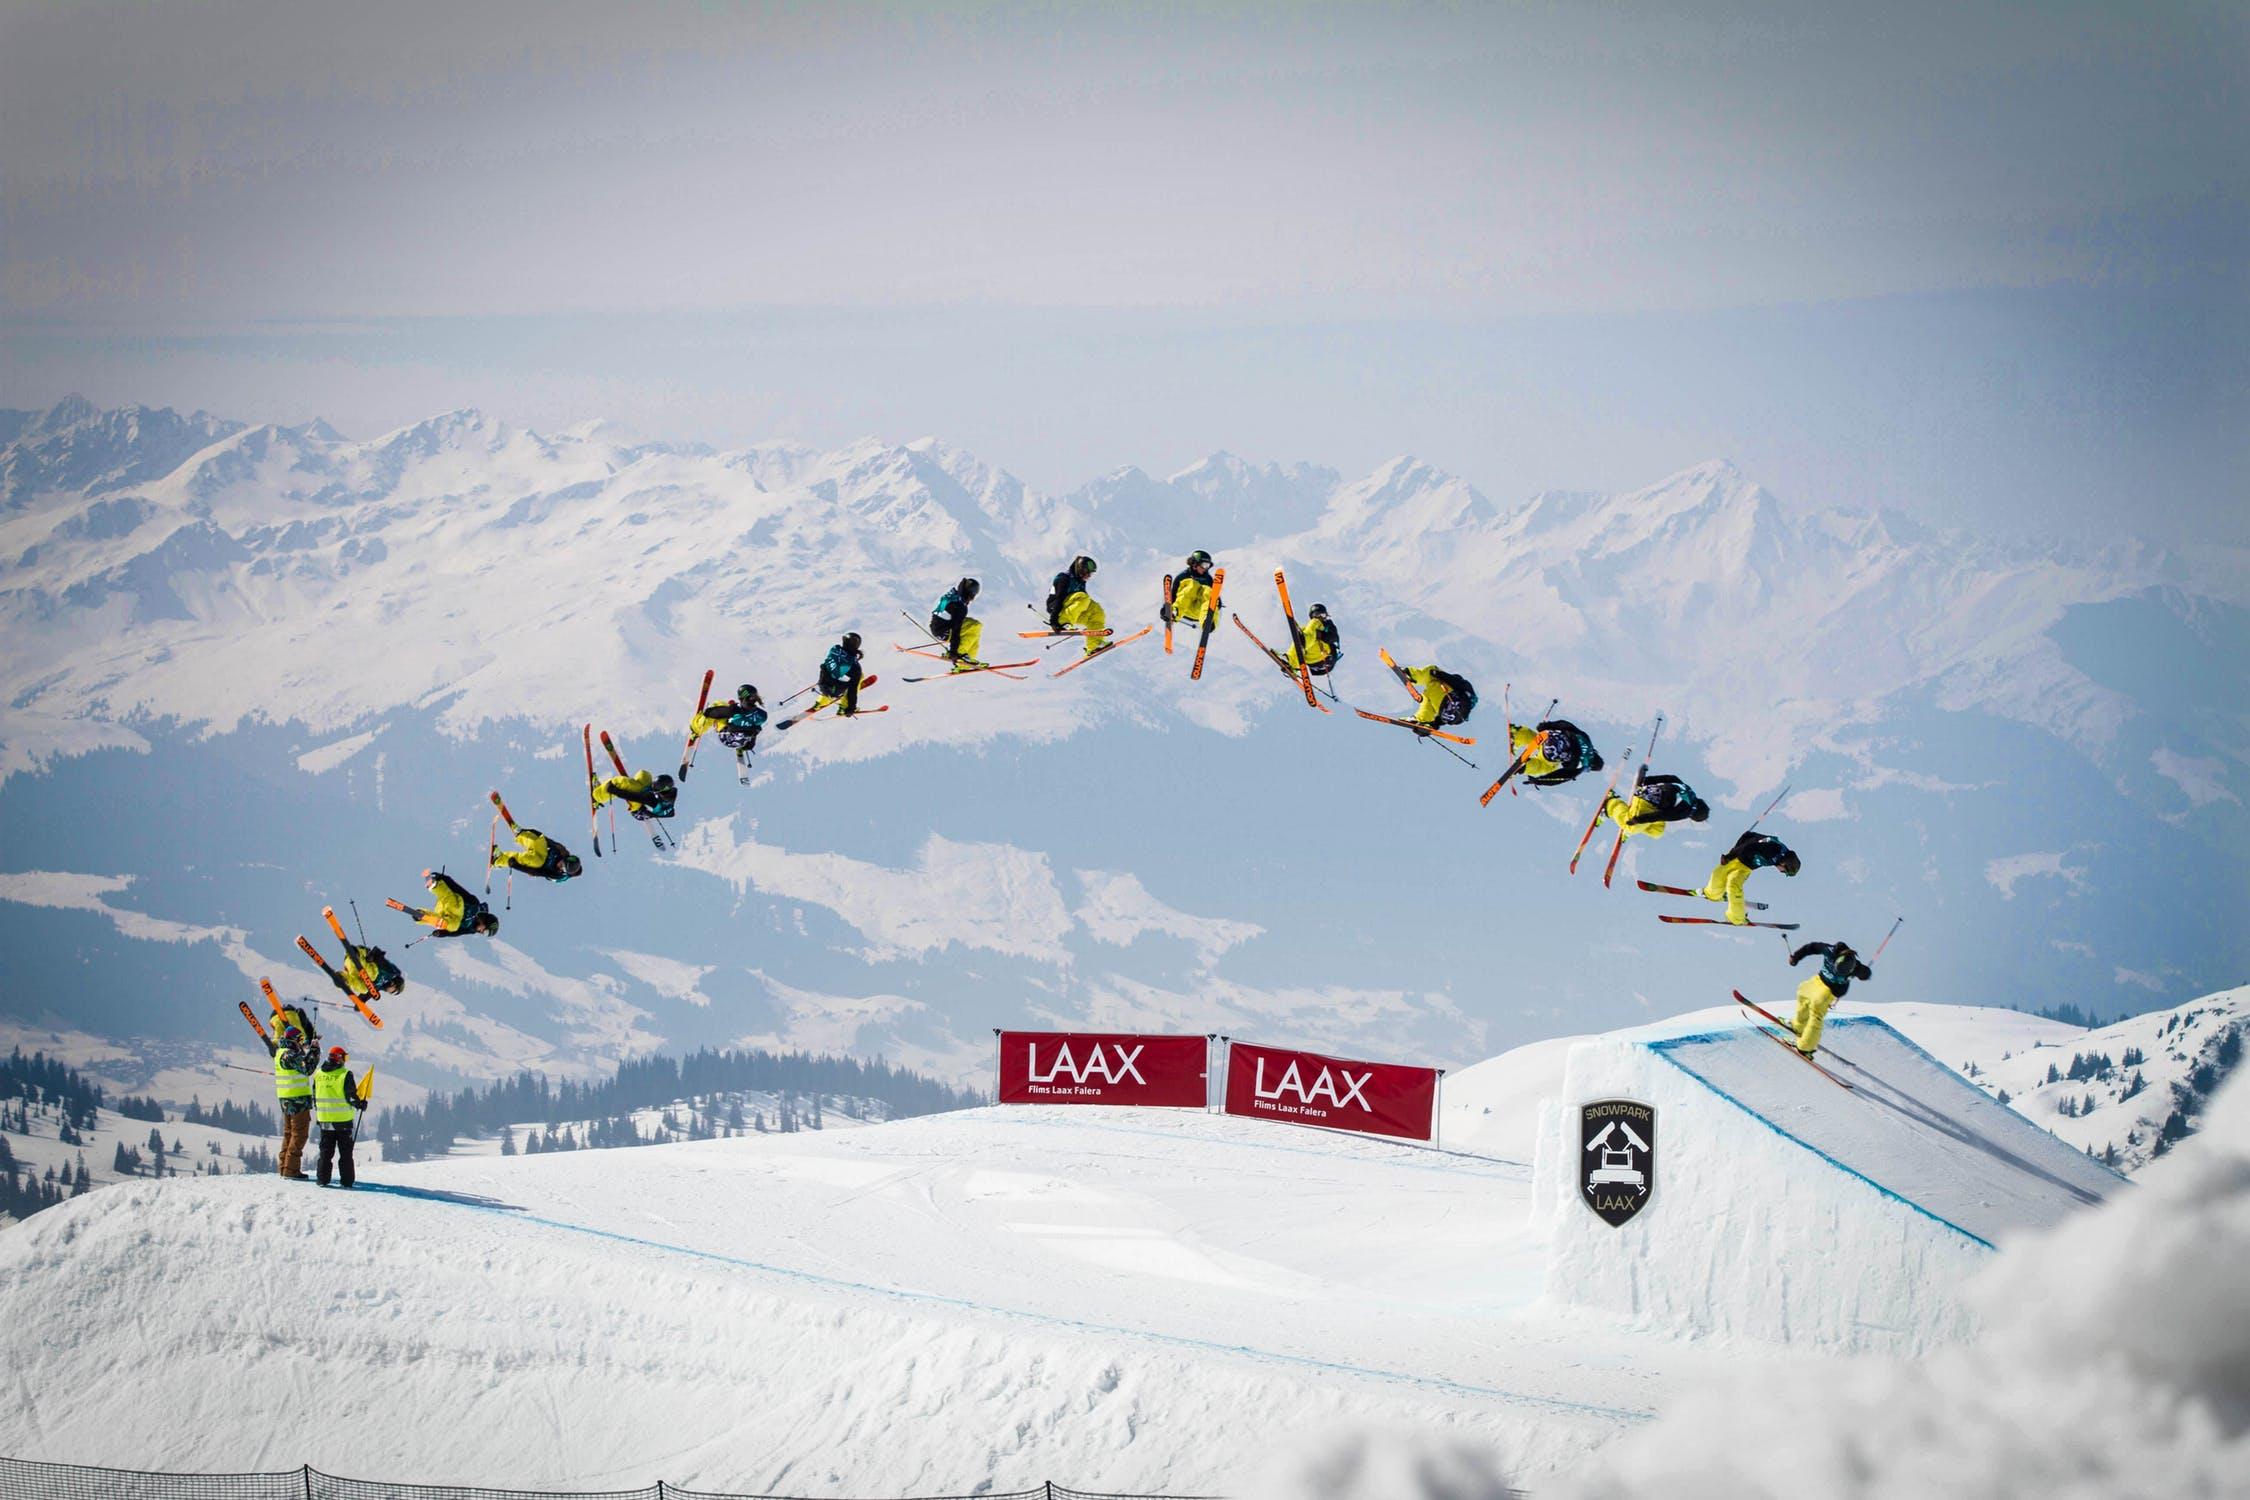 Skier stopmotion